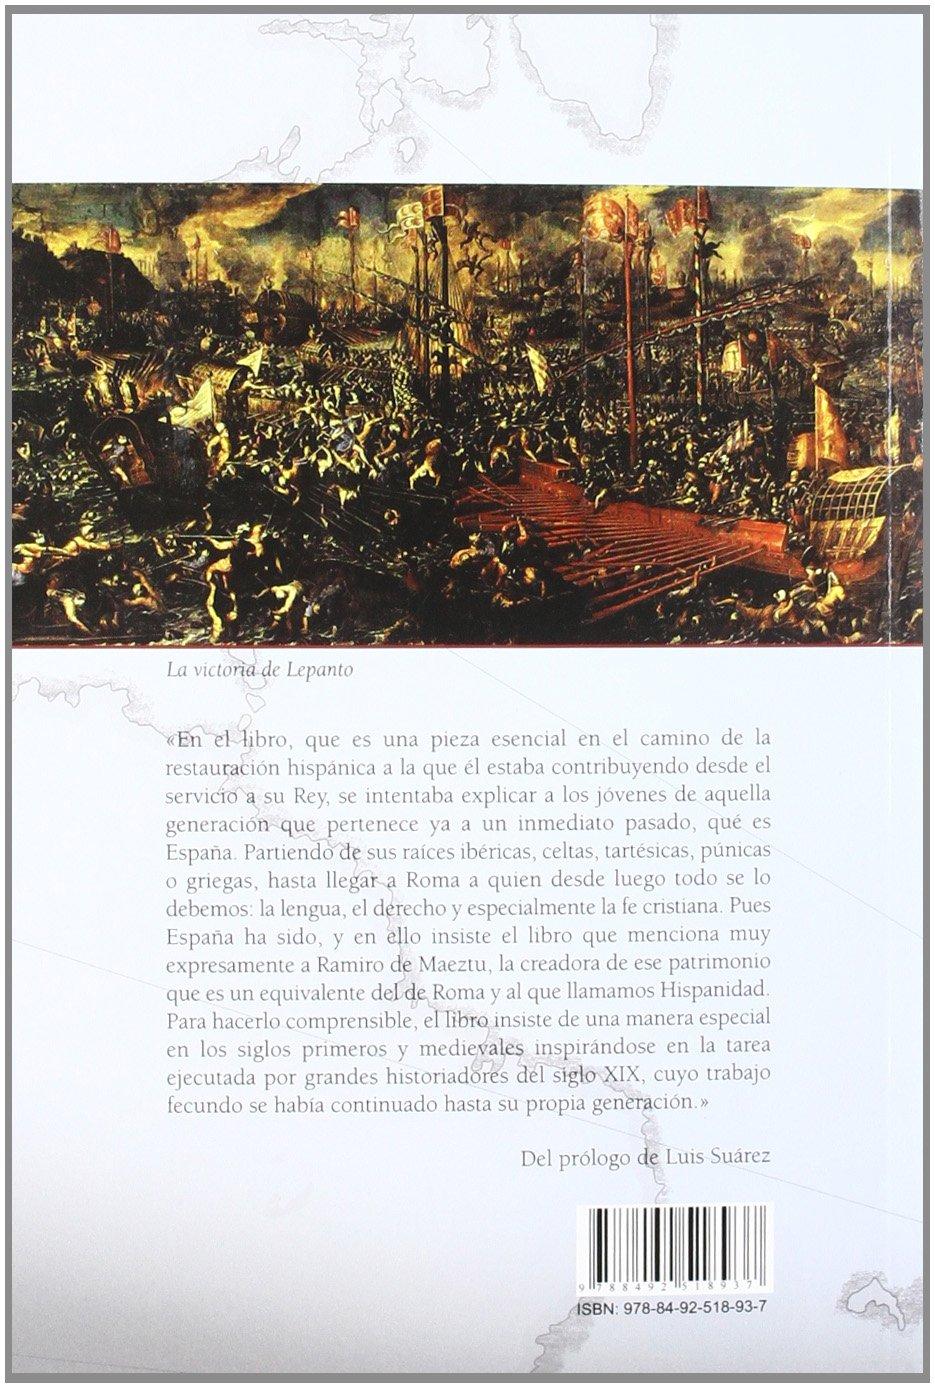 Historia De España Contada Con Sencillez, La: Amazon.es: Peman, Jose Maria: Libros